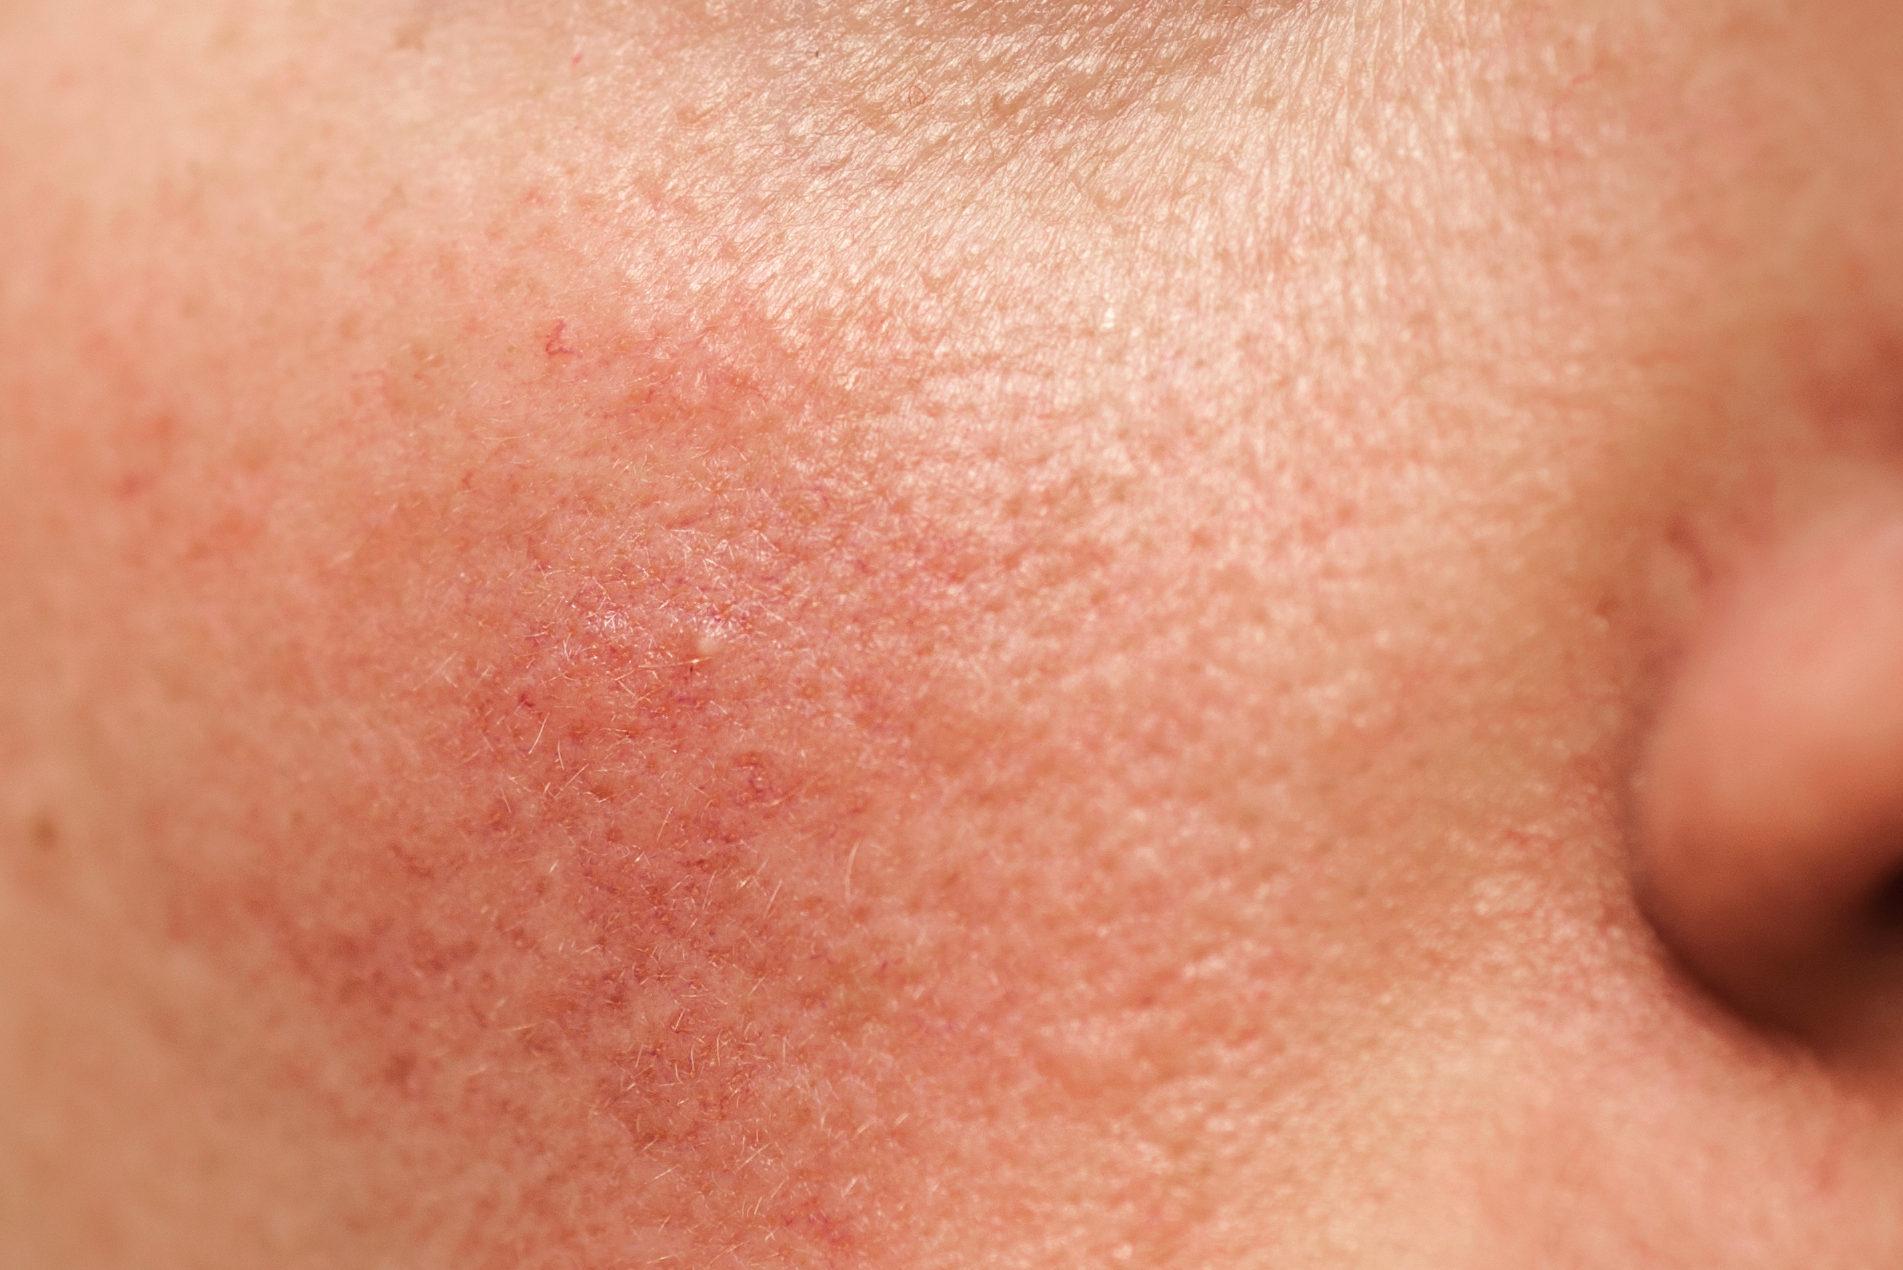 rosacée sur le visage